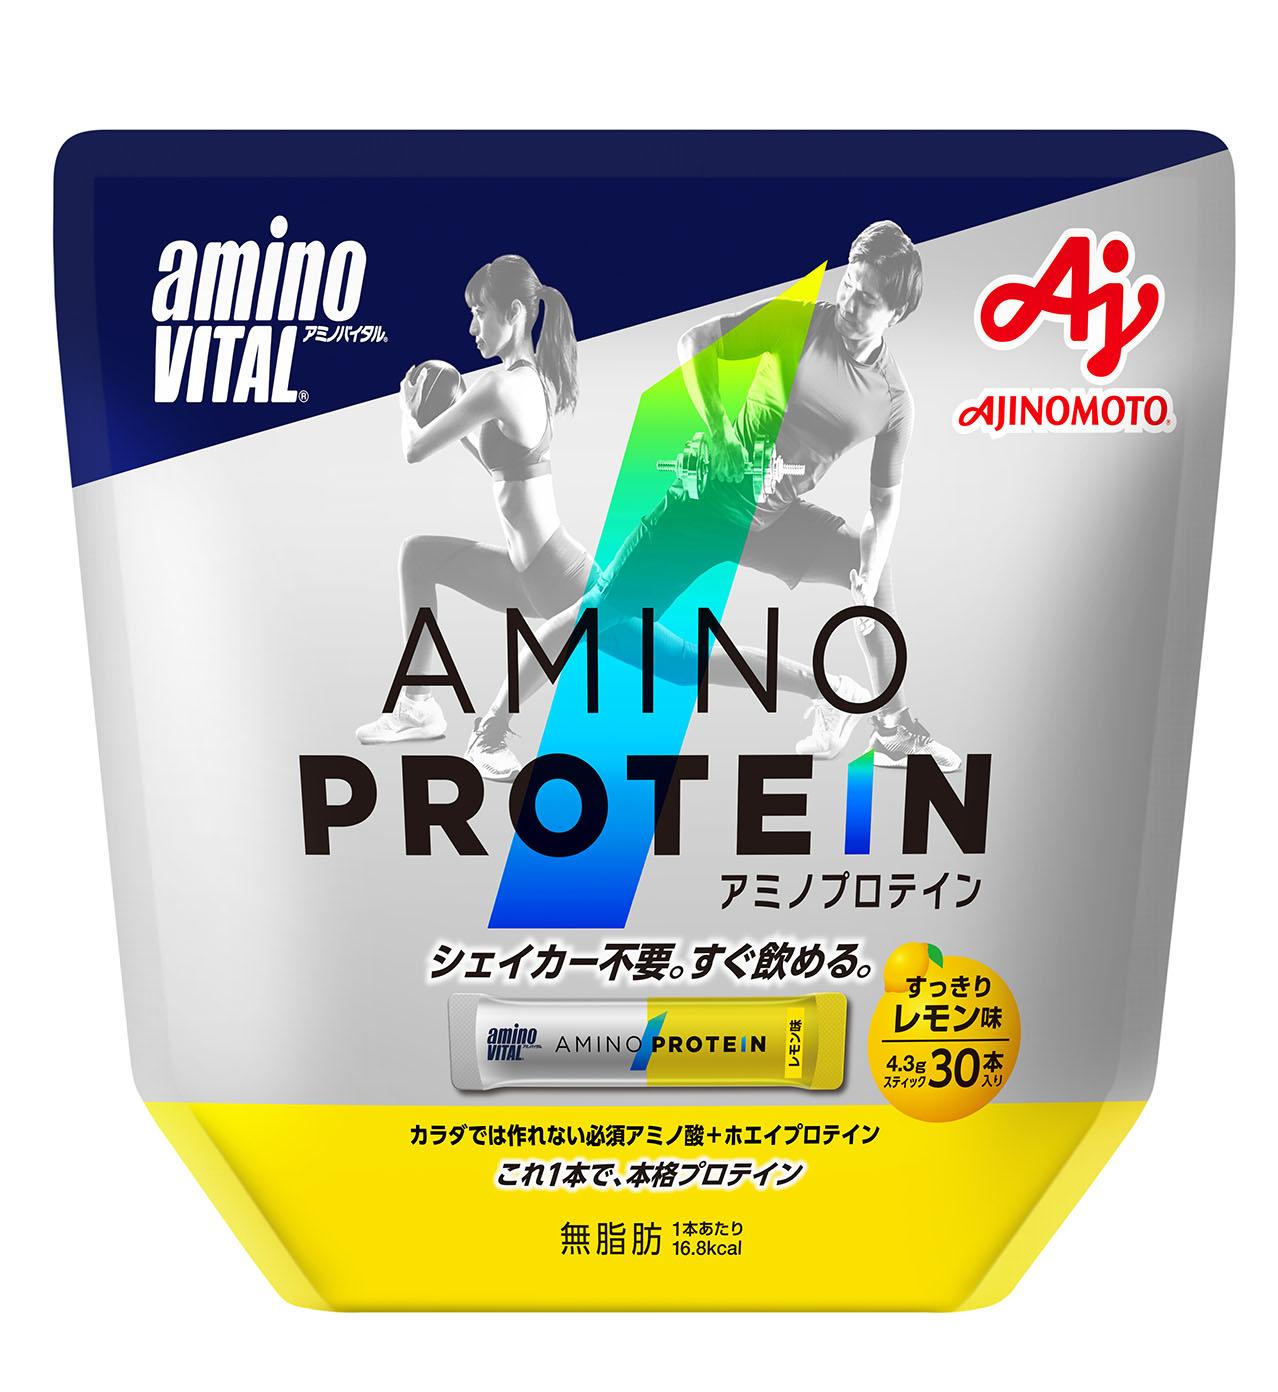 味の素株式会社 アミノバイタルⓇ アミノプロテイン レモン味 30本入パウチ